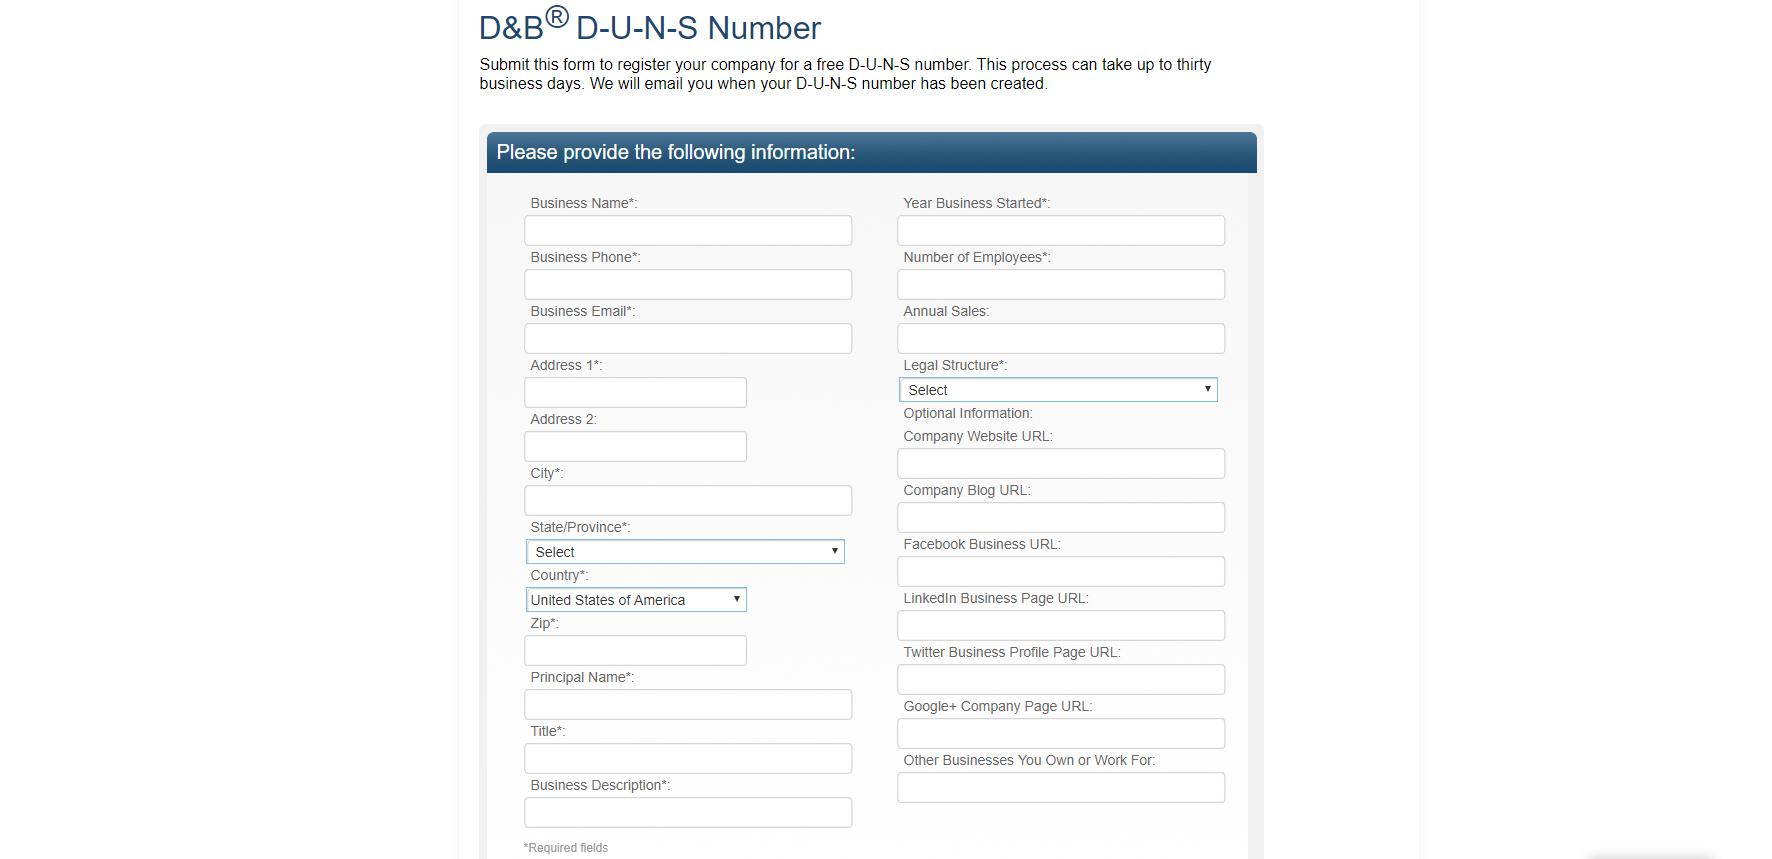 Как получить D-U-N-S number бесплатно - 5